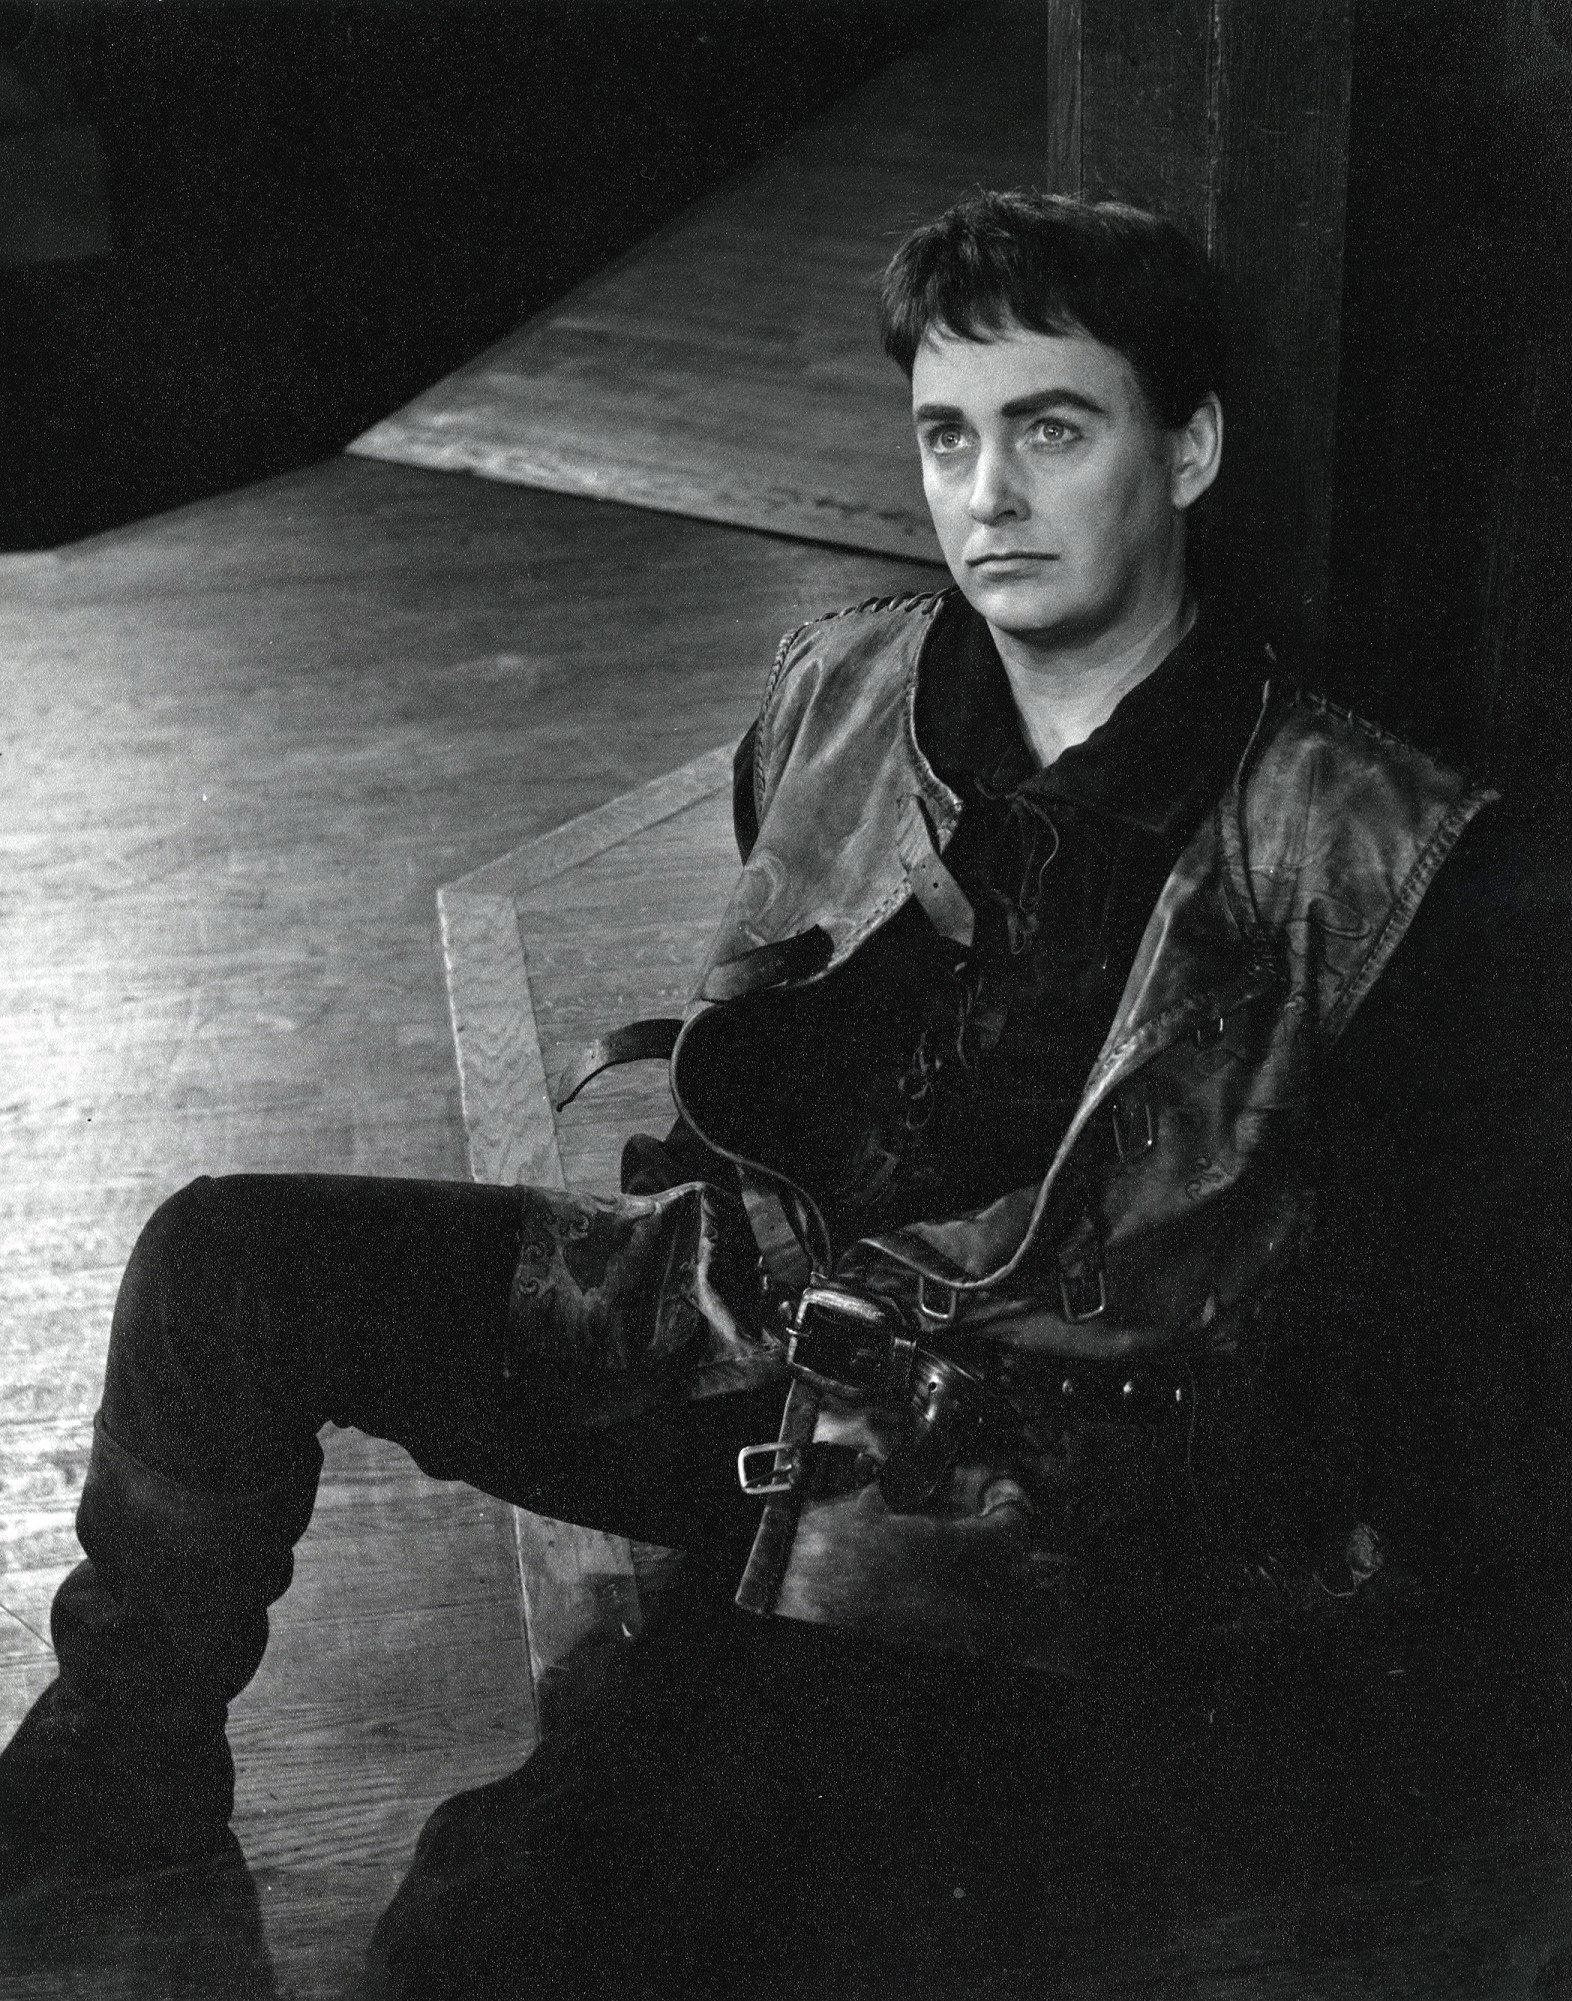 Douglas Rain as Henry V in the Stratford Festival's 1966 production of Henry V.